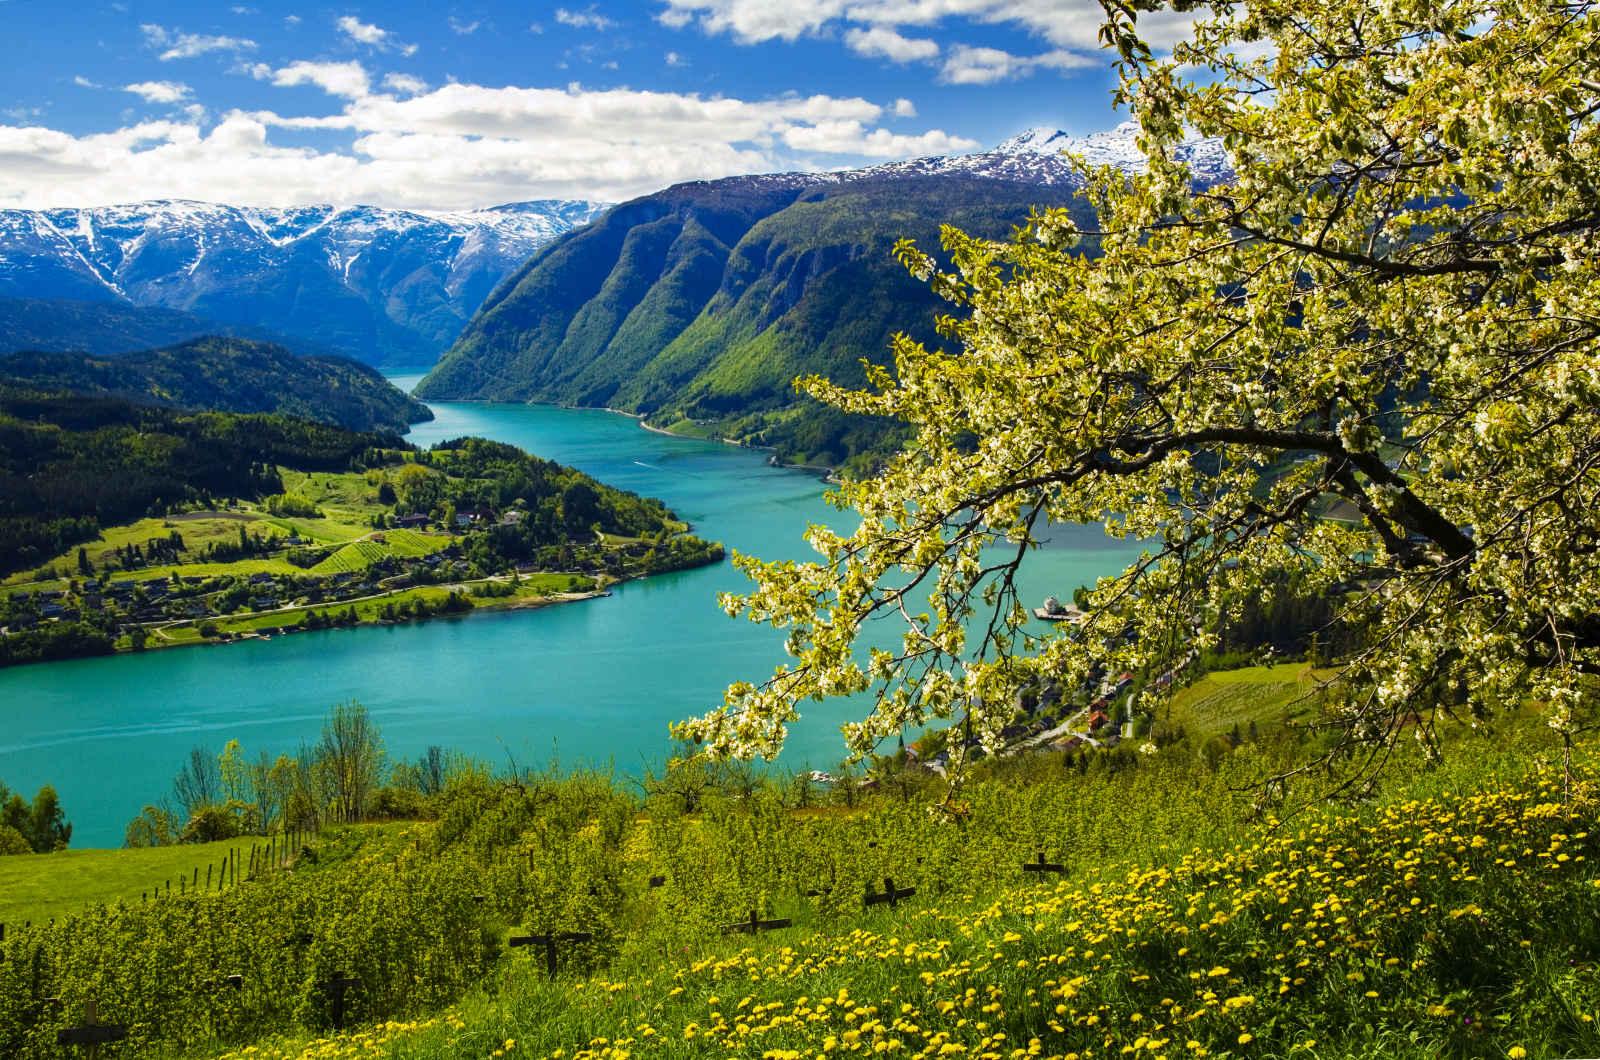 De fjords en fjords - voyage  - sejour